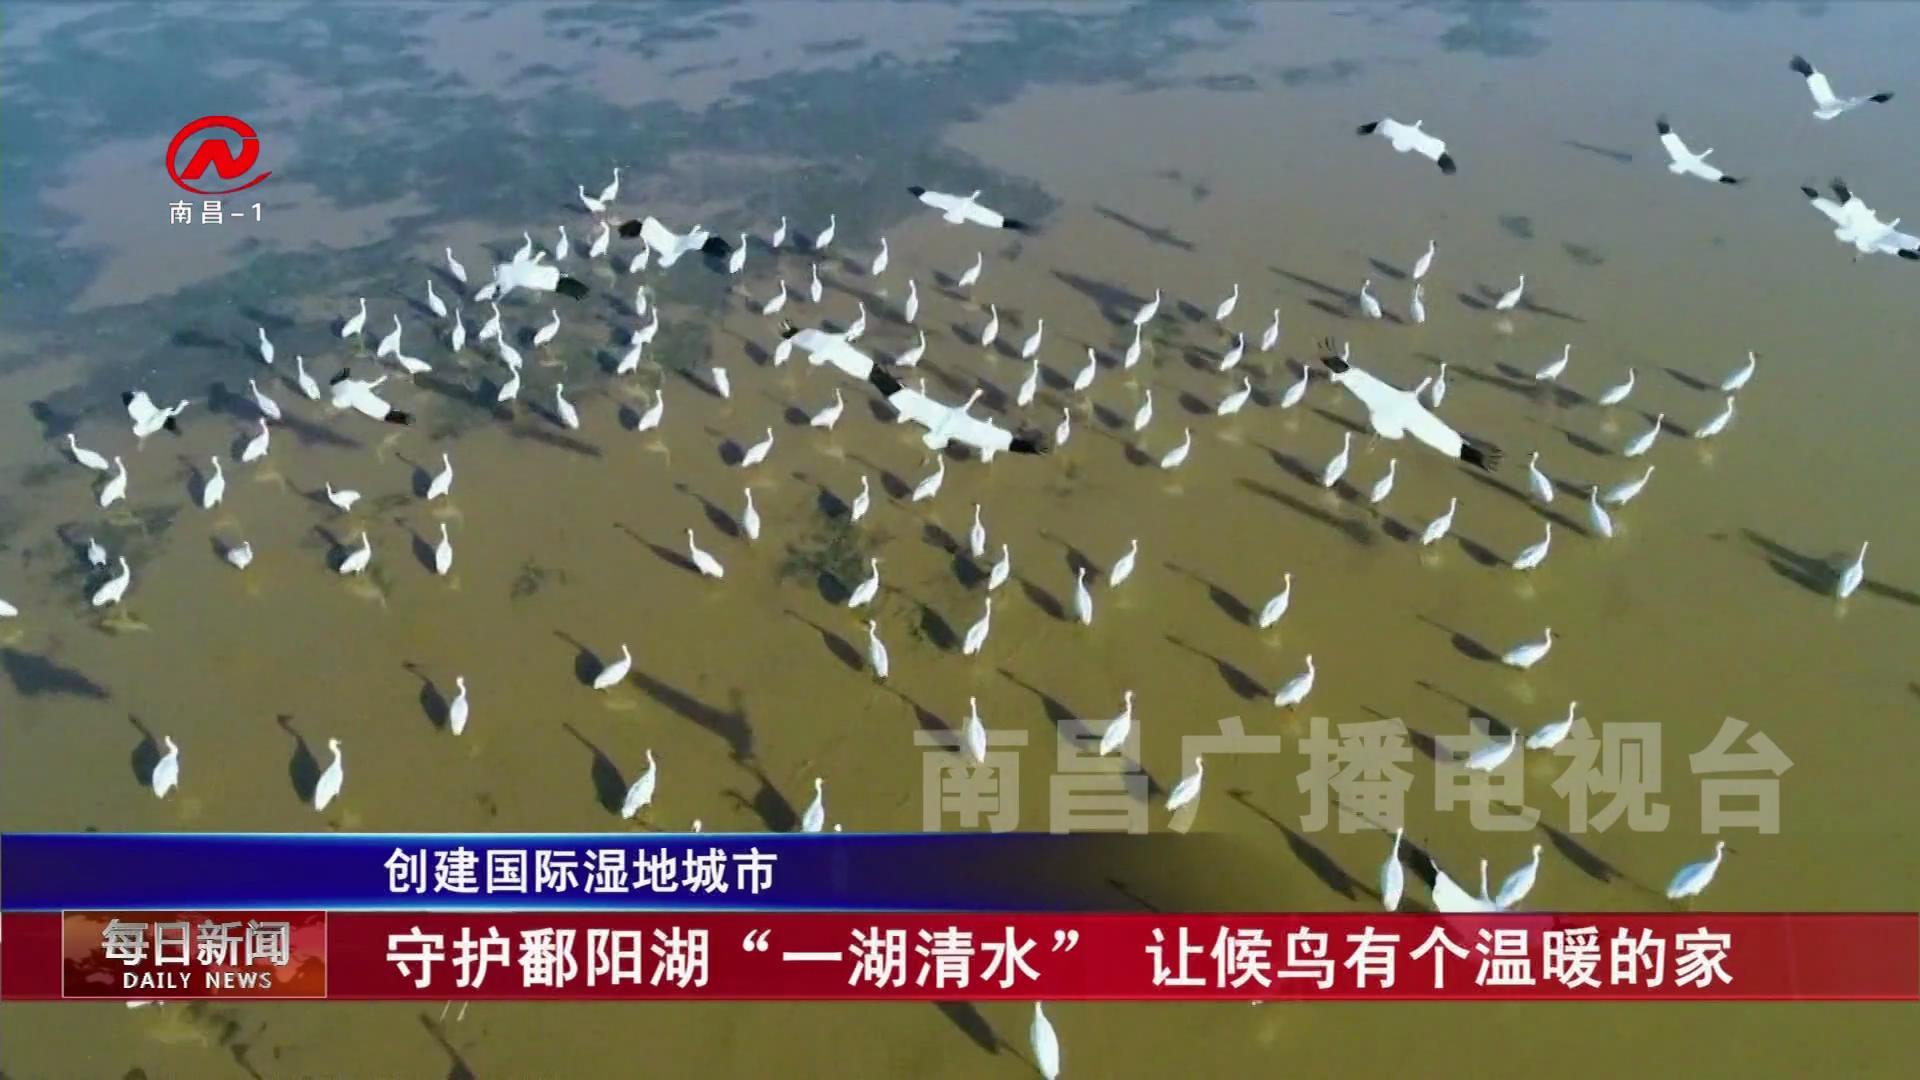 """守护鄱阳湖""""一湖清水""""  让候鸟有个温暖的家"""